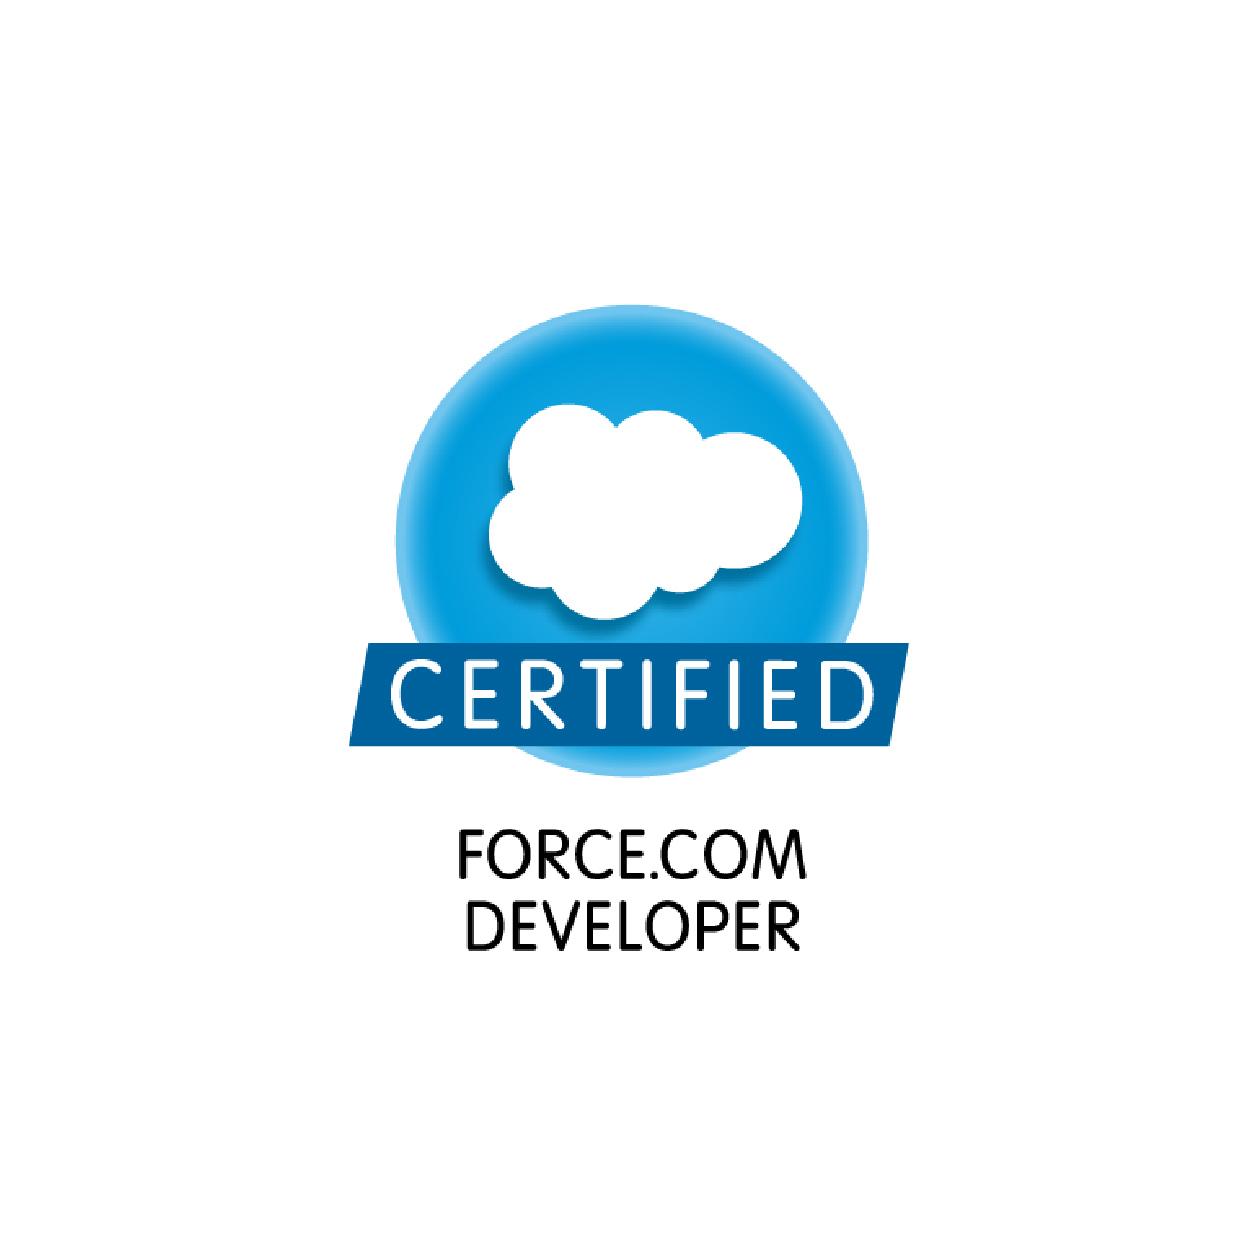 salesforce_certified-08.jpg